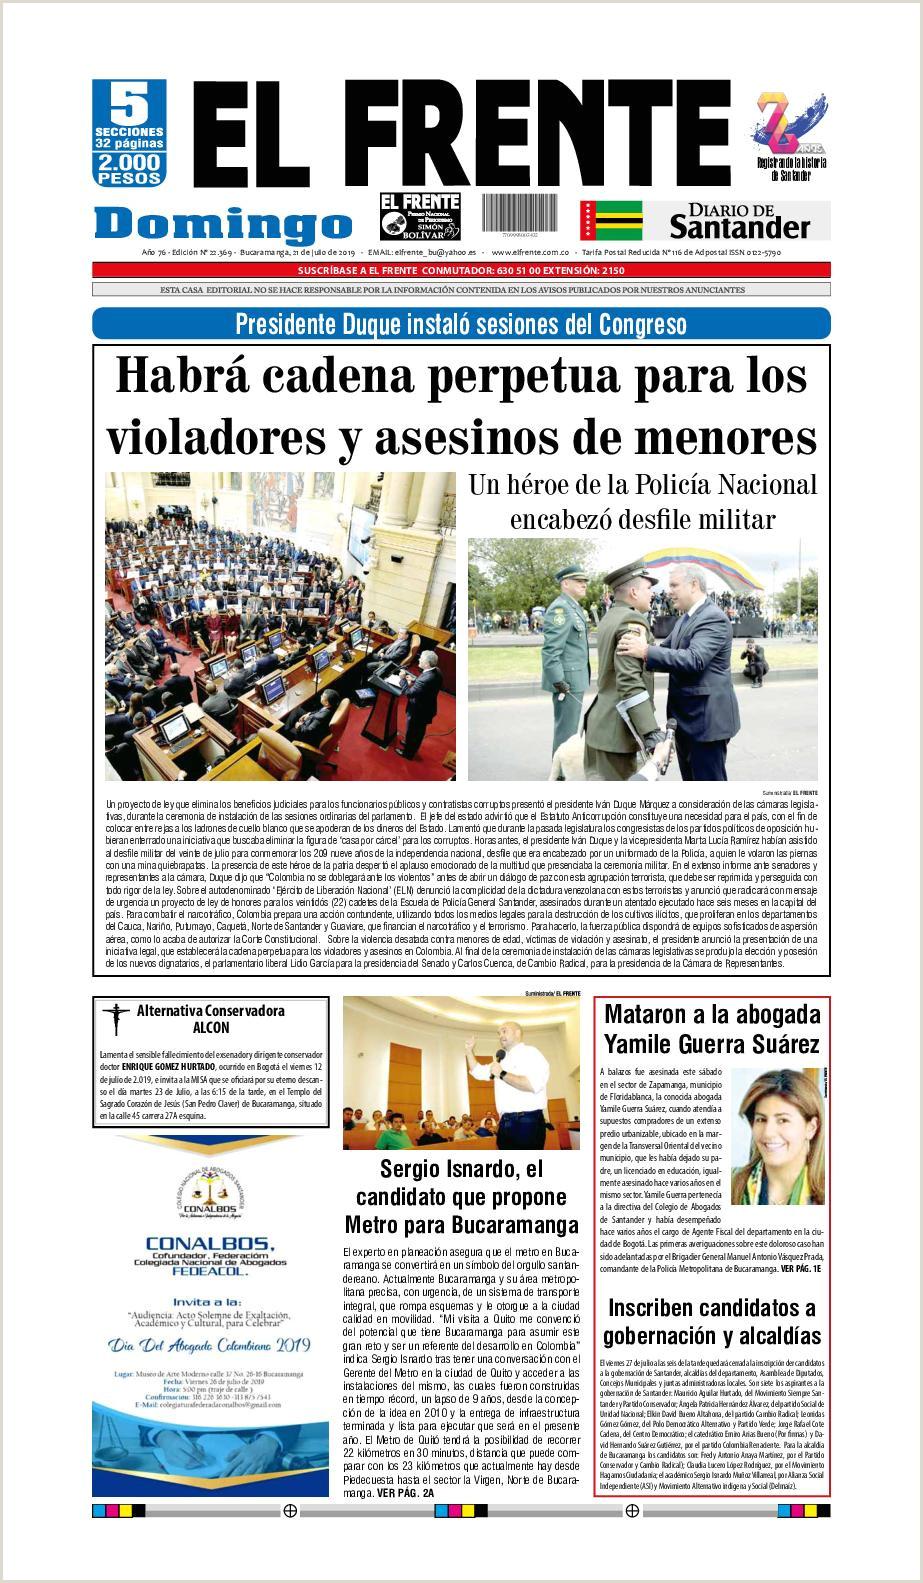 Imagenes De Hoja De Vida Minerva 1003 Calaméo 21 Jul 2019